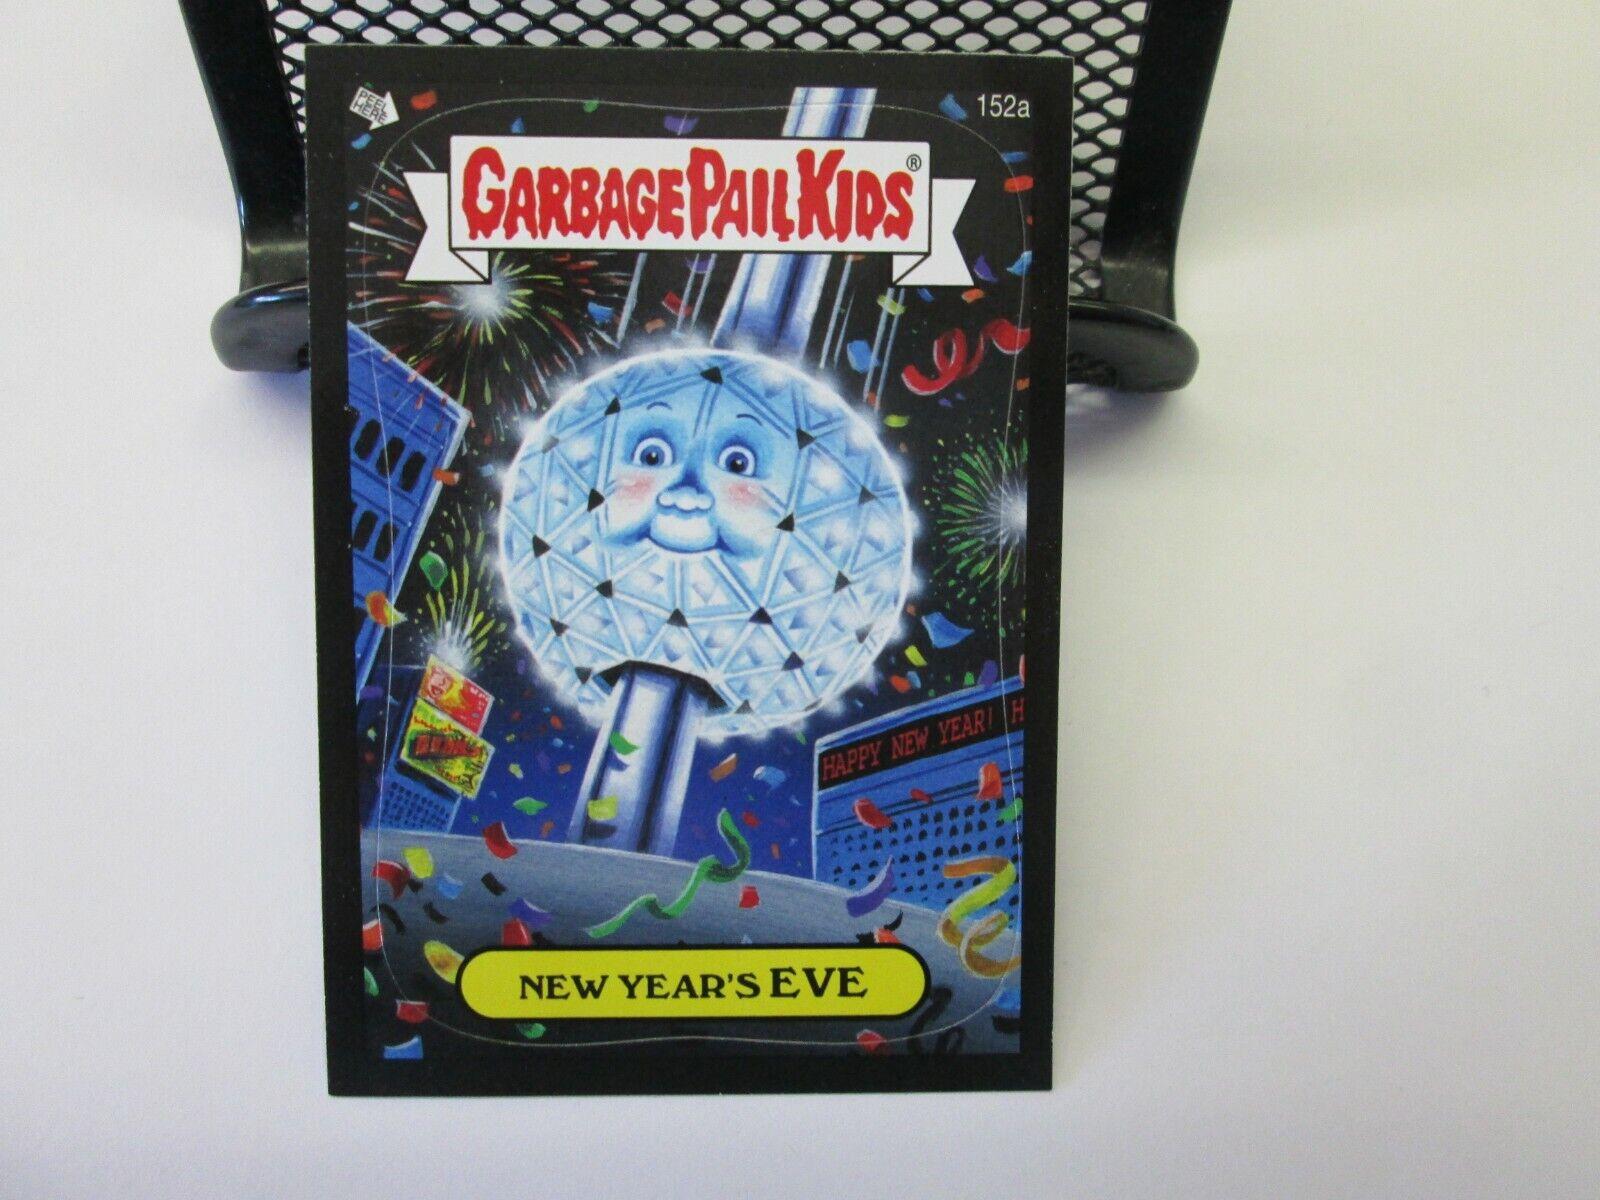 Garbage Pail Kids Mini Cards 2013 Black Parallel Base Card 161b Lovesick NICK